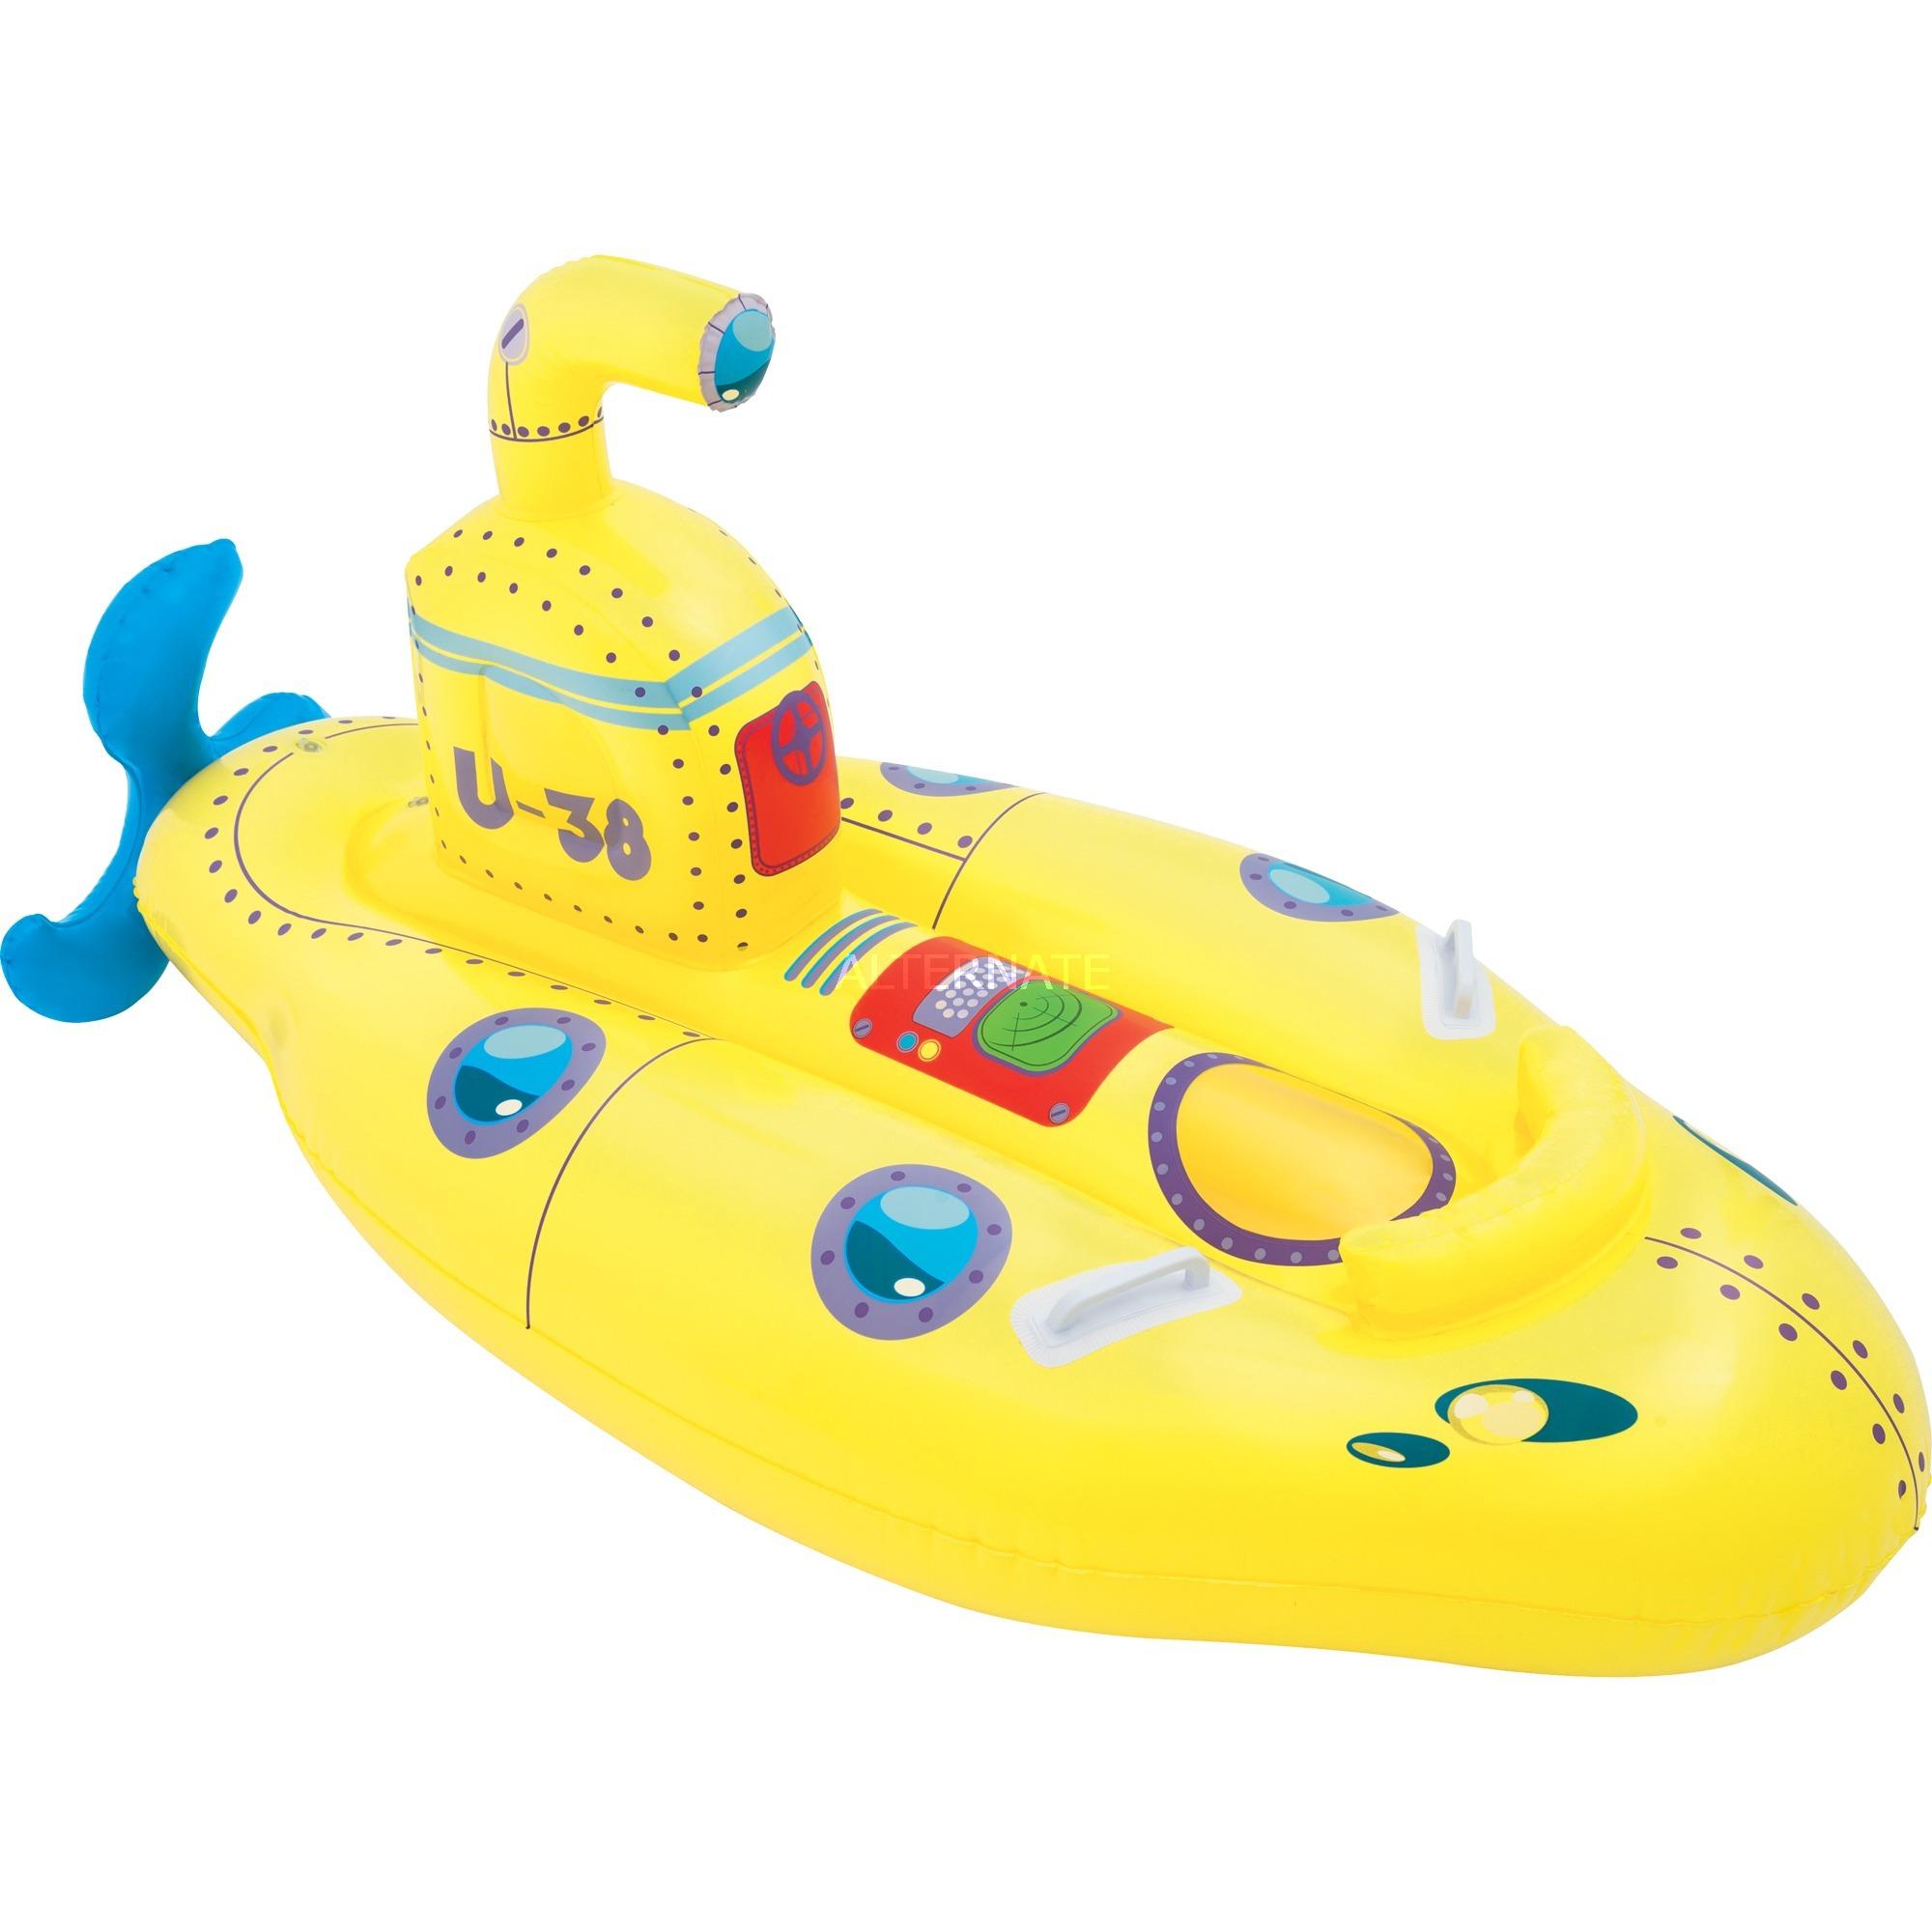 41098 flotador para piscina y playa Multicolor Colchoneta Vinilo, Animal flotante